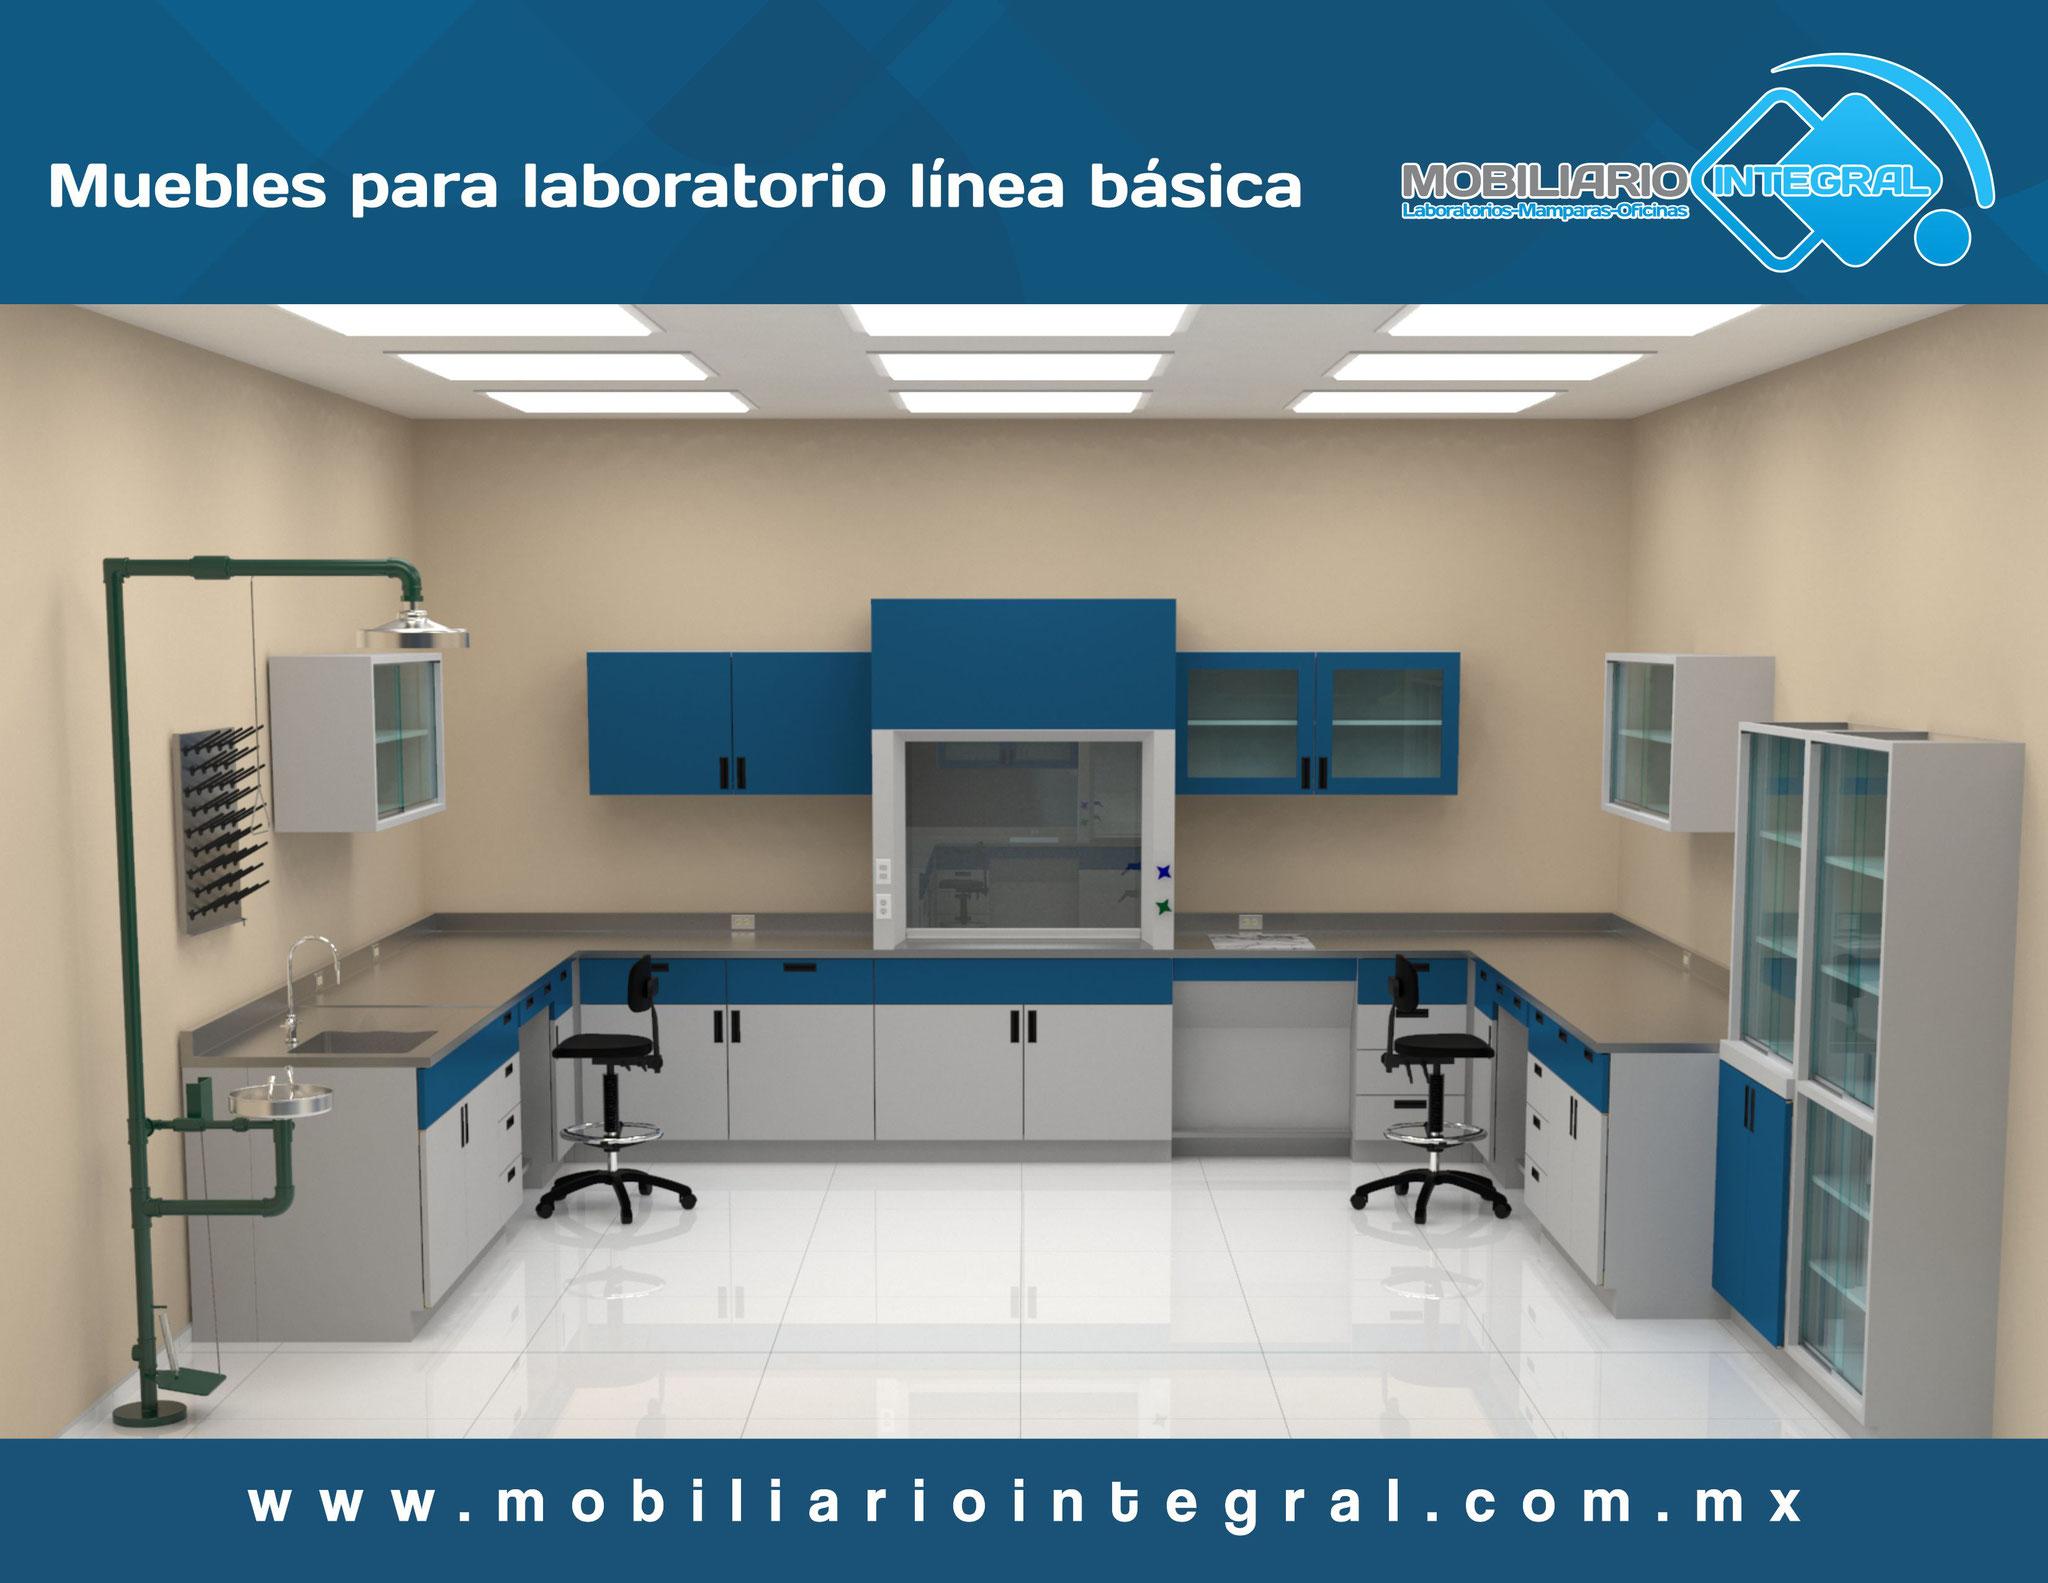 Muebles para laboratorio en México